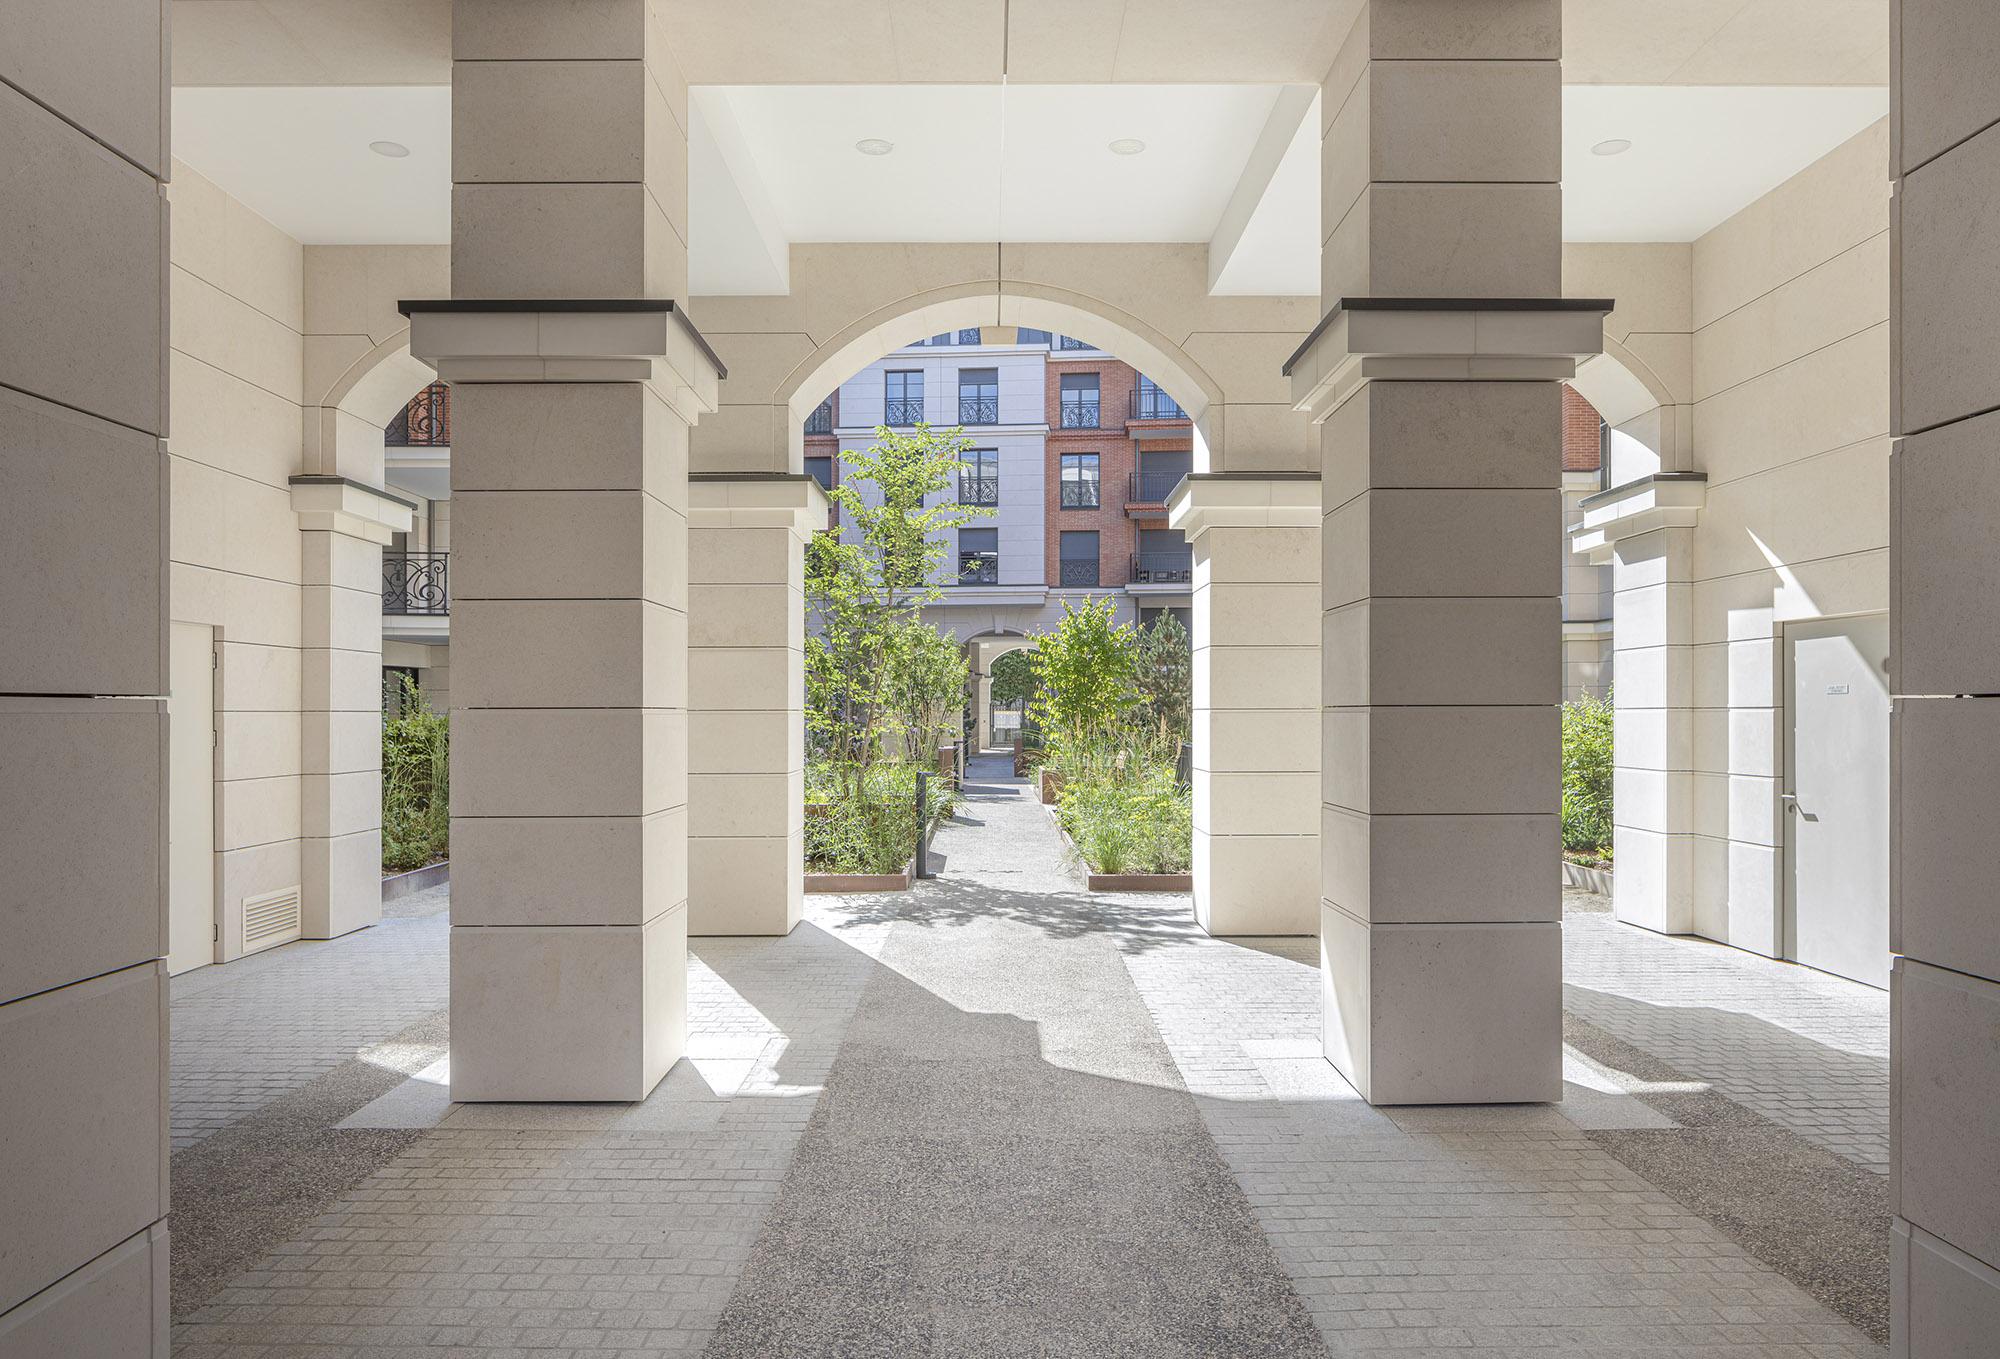 Quartier des Arts - Puteaux - Détail sur le traitement des porches et des perception des jardins intérieurs